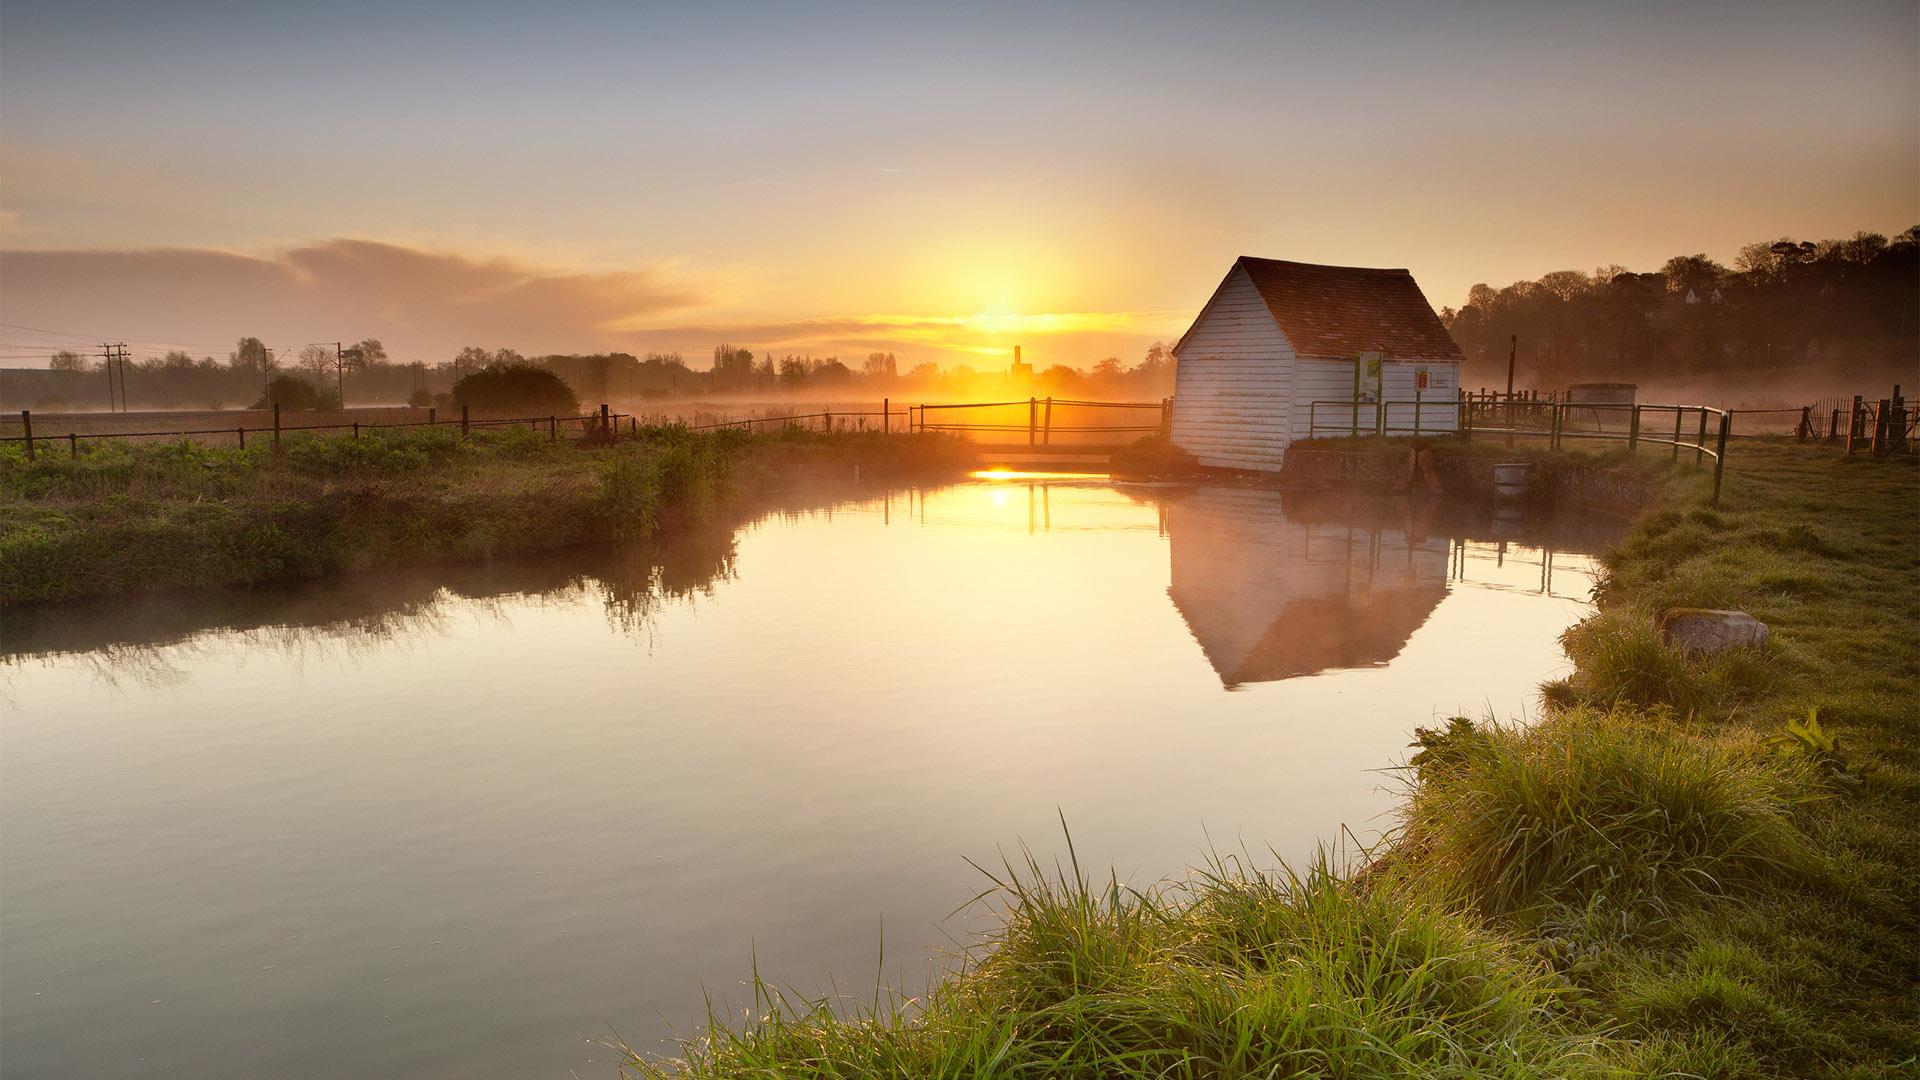 swamp sunset wallpaper 42693